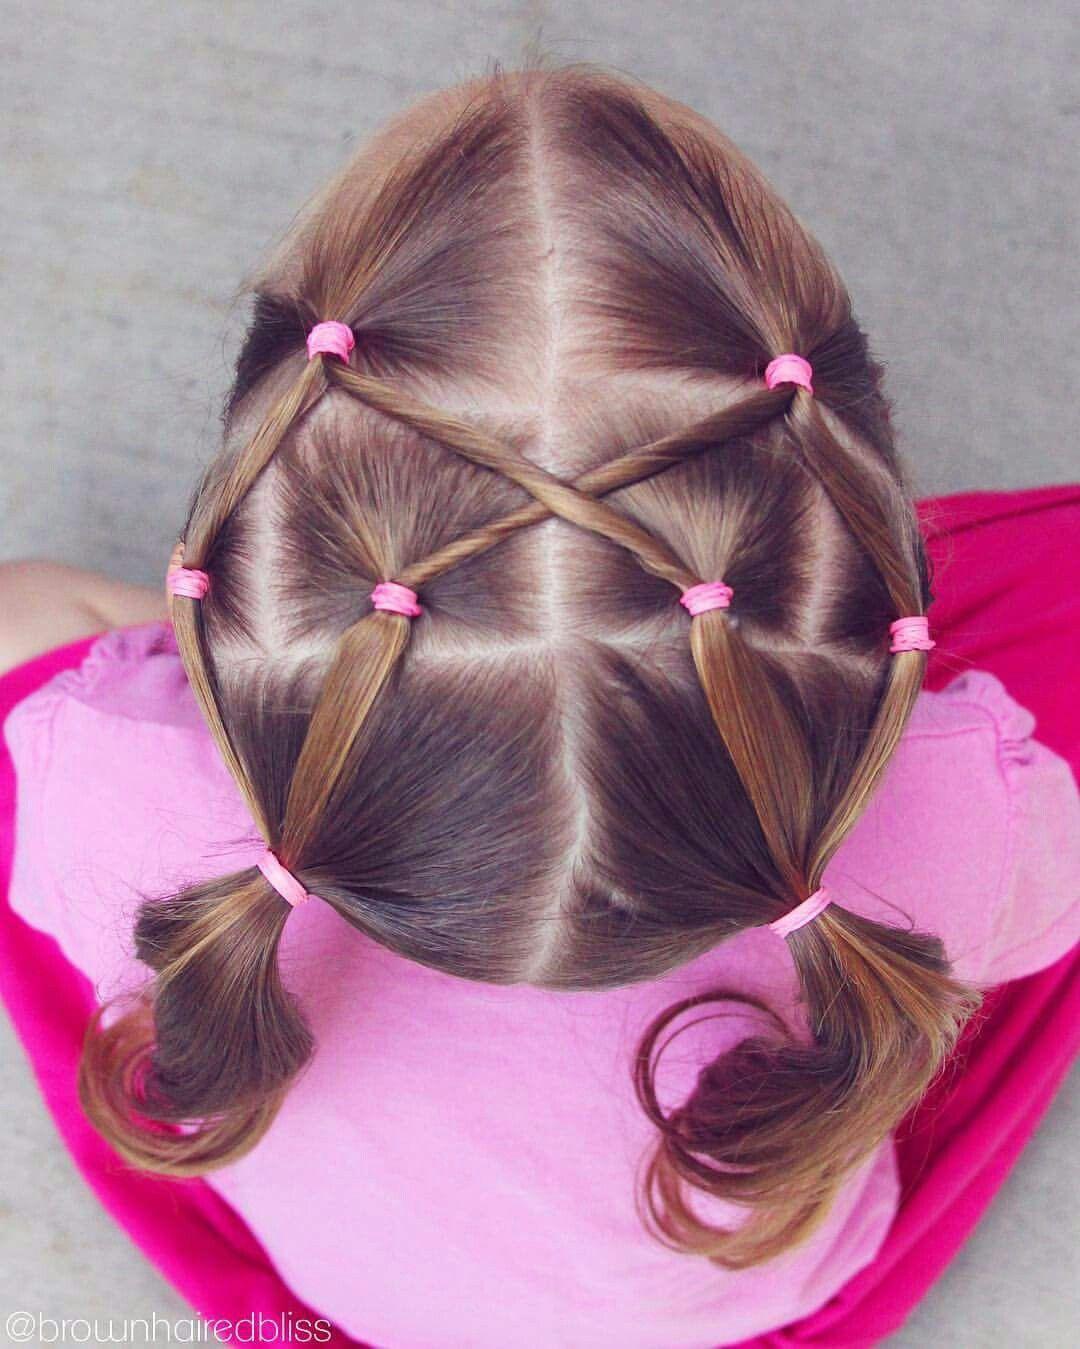 Pin by ashlayyy on girl hair styles pinterest hair hair styles